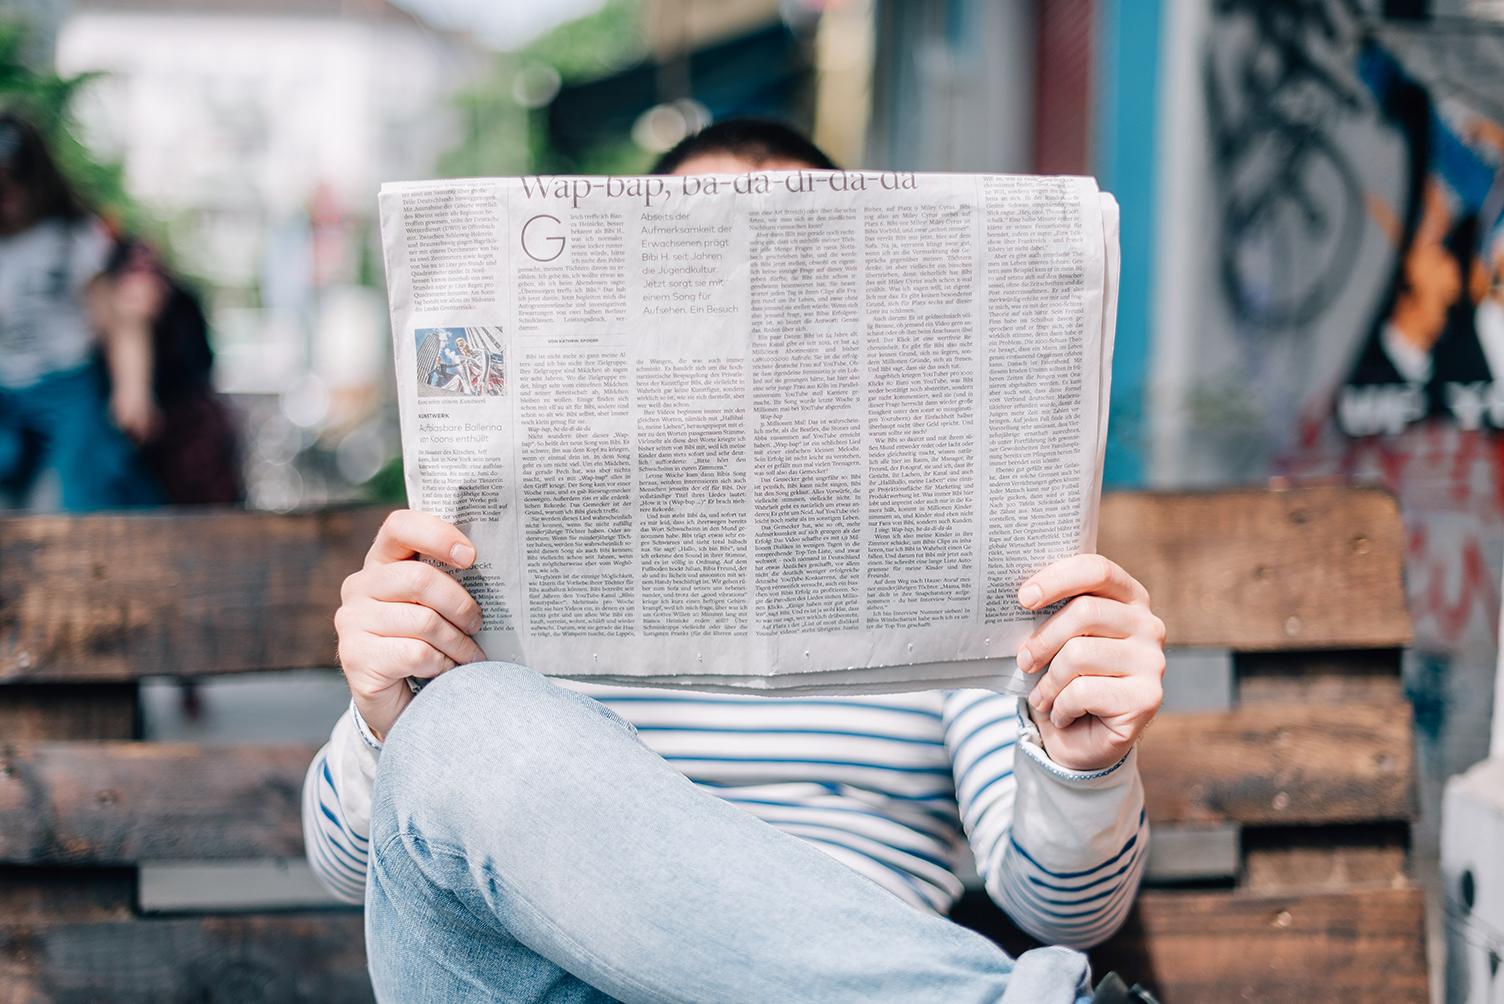 Sitzender Mann mit aufgeschlagner Zeitung